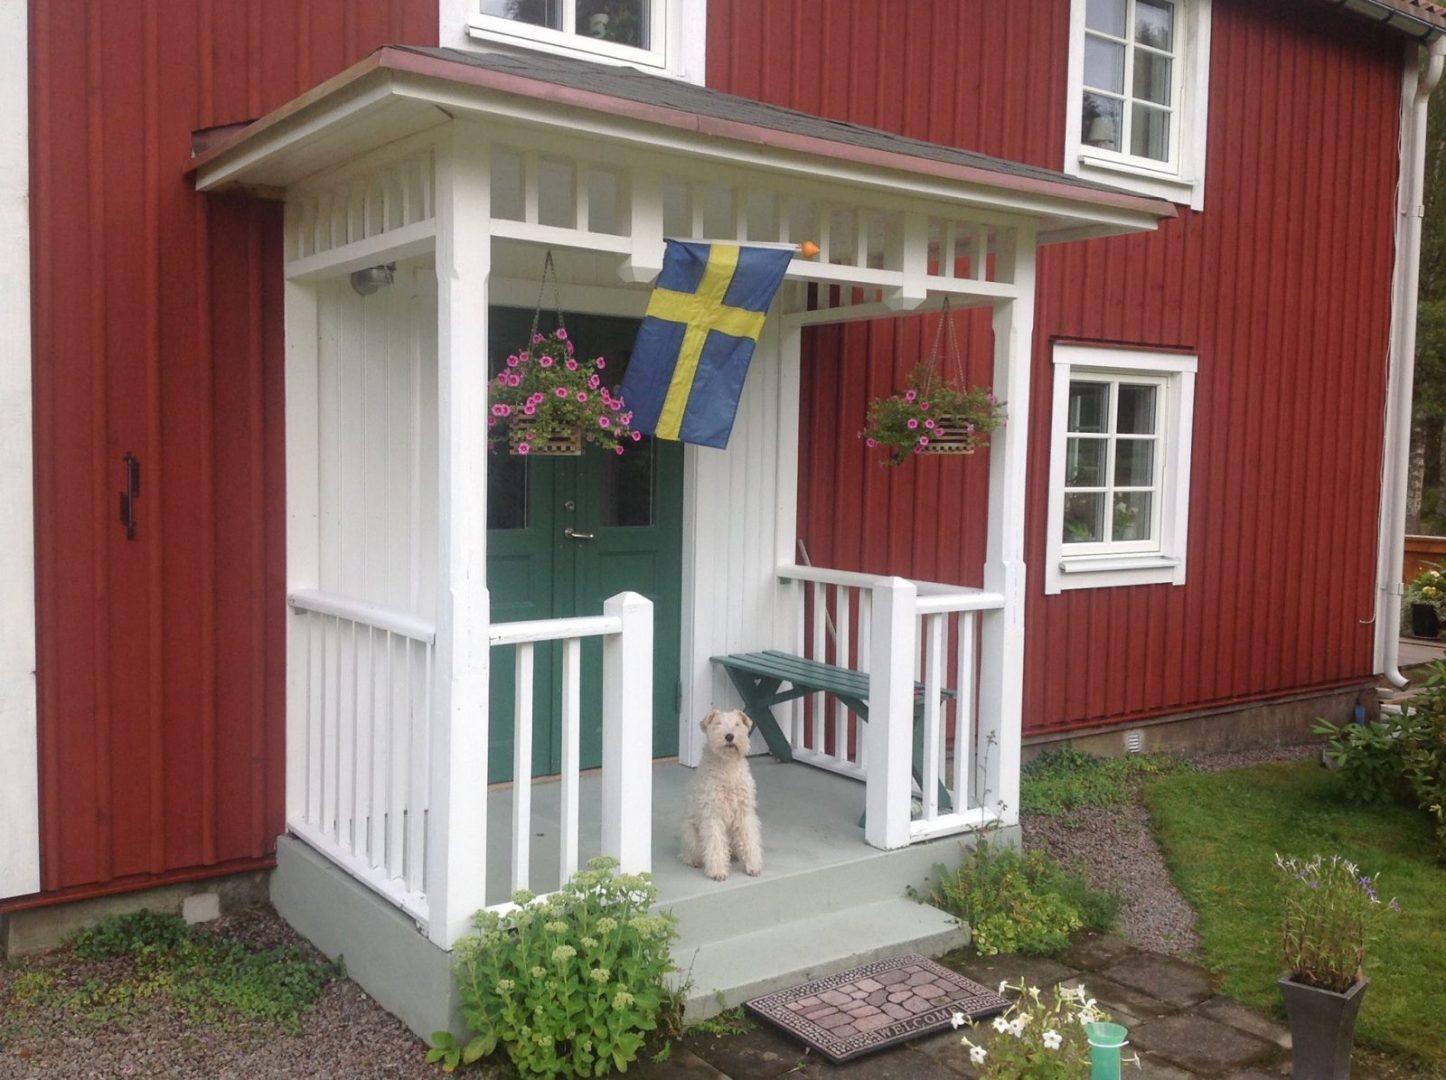 Rasmus, Sweden. Torch relay around the world